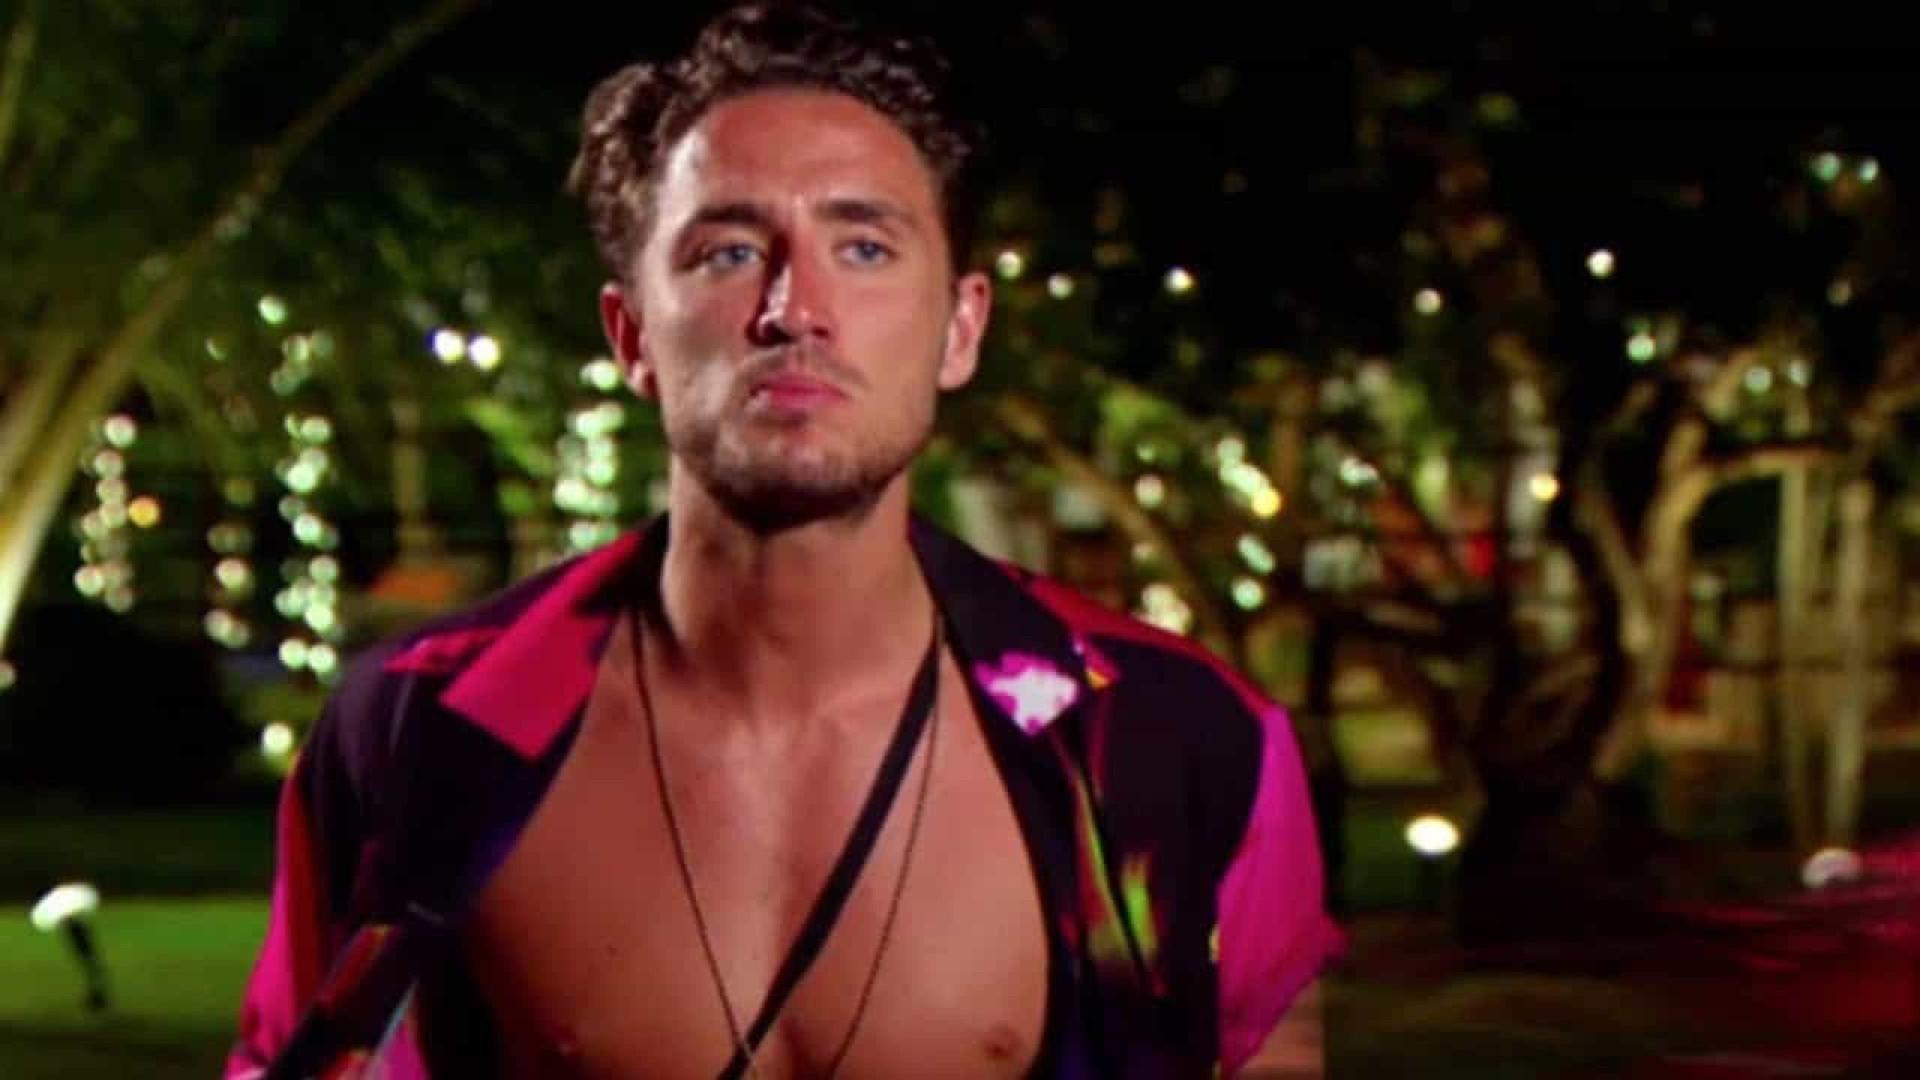 Vencedor do Big Brother britânico é preso por divulgar vídeo íntimo com ex-namorada